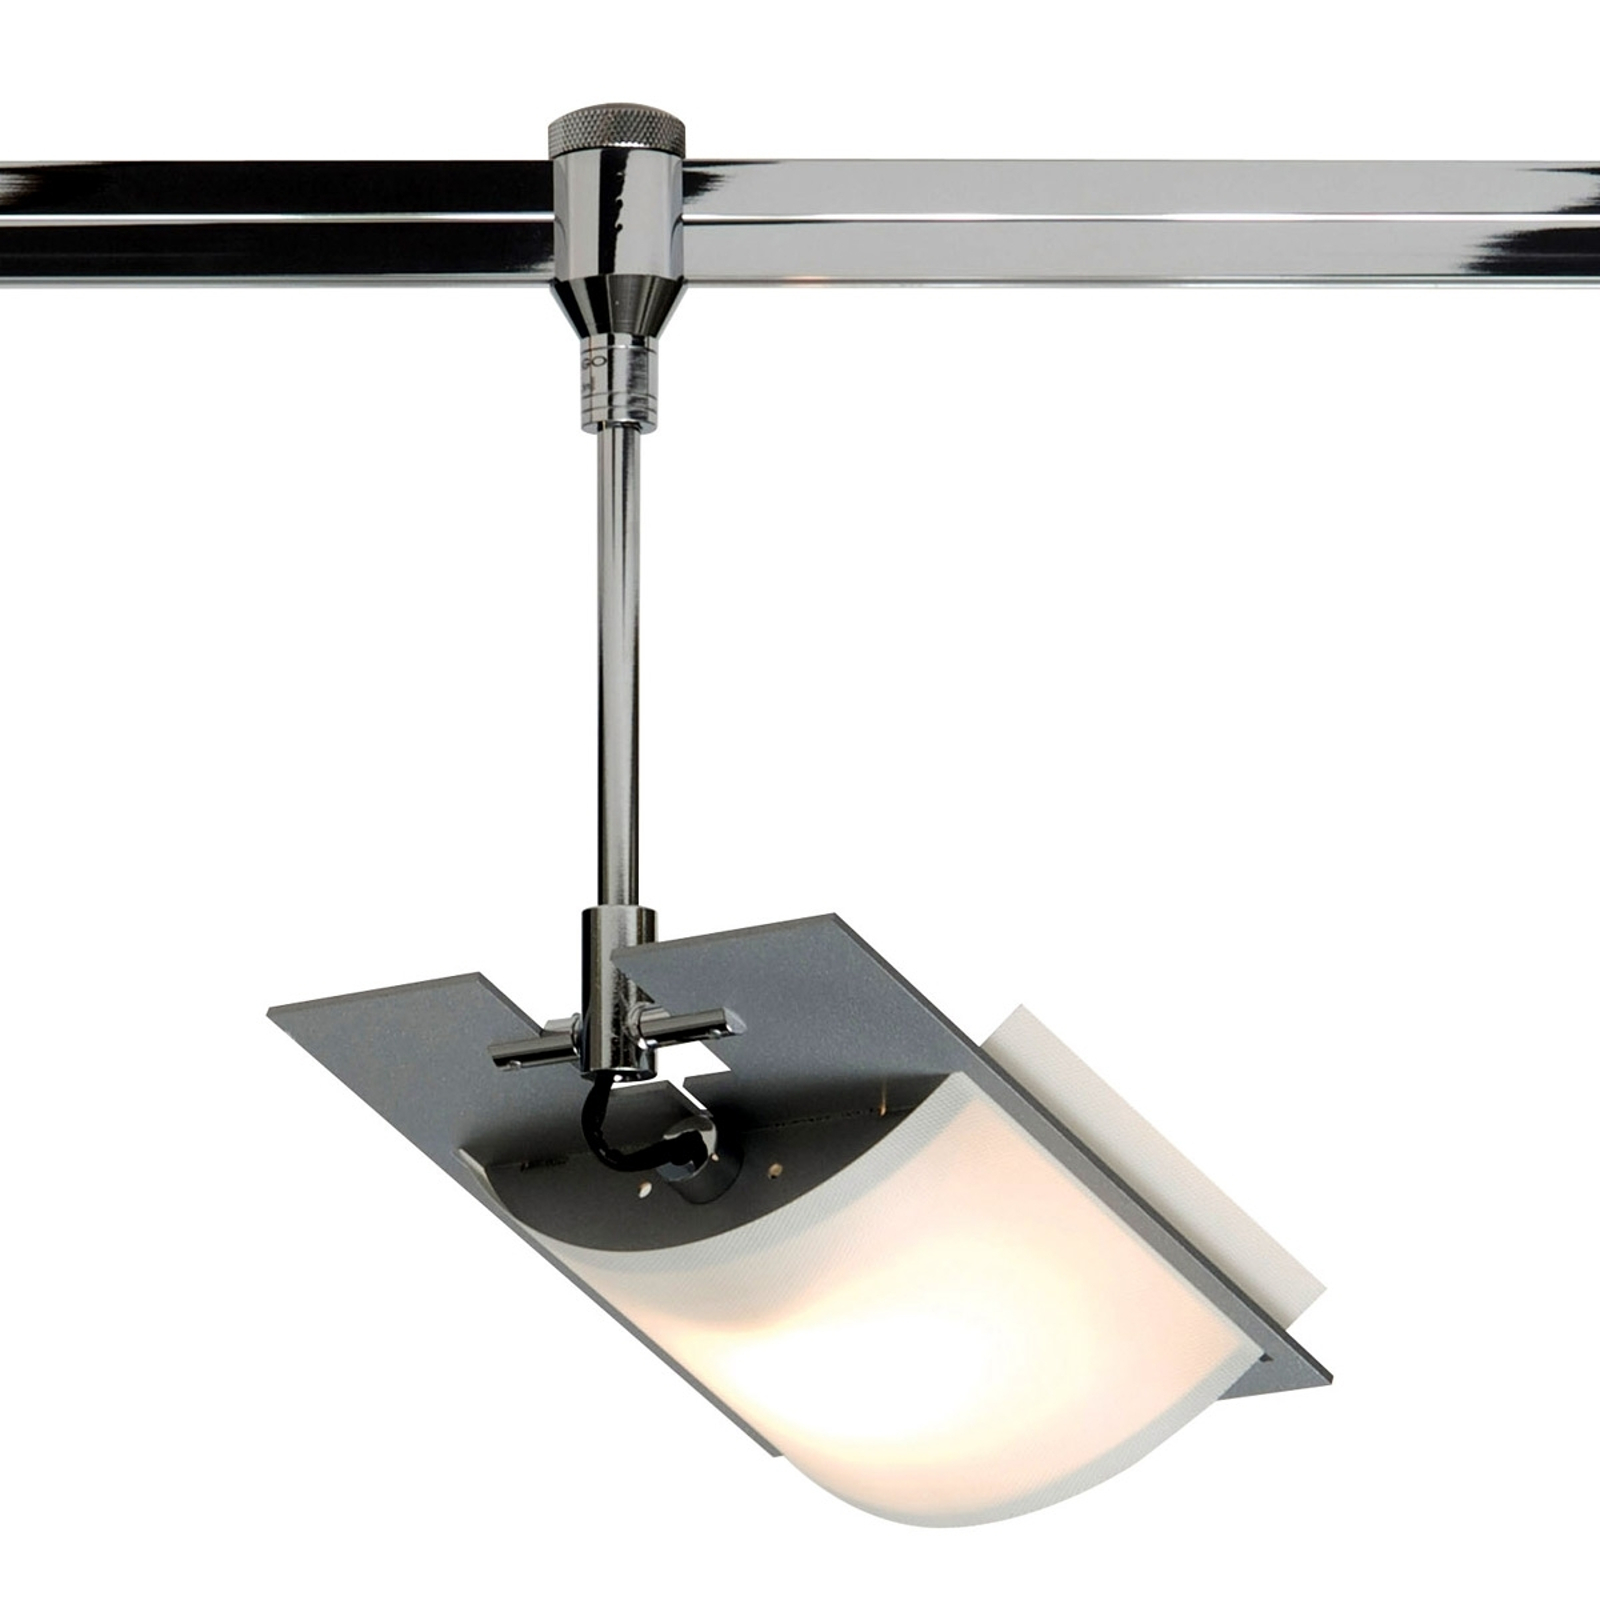 Lampada HIGH FLIGH per sistema CHECK-IN 14 cm